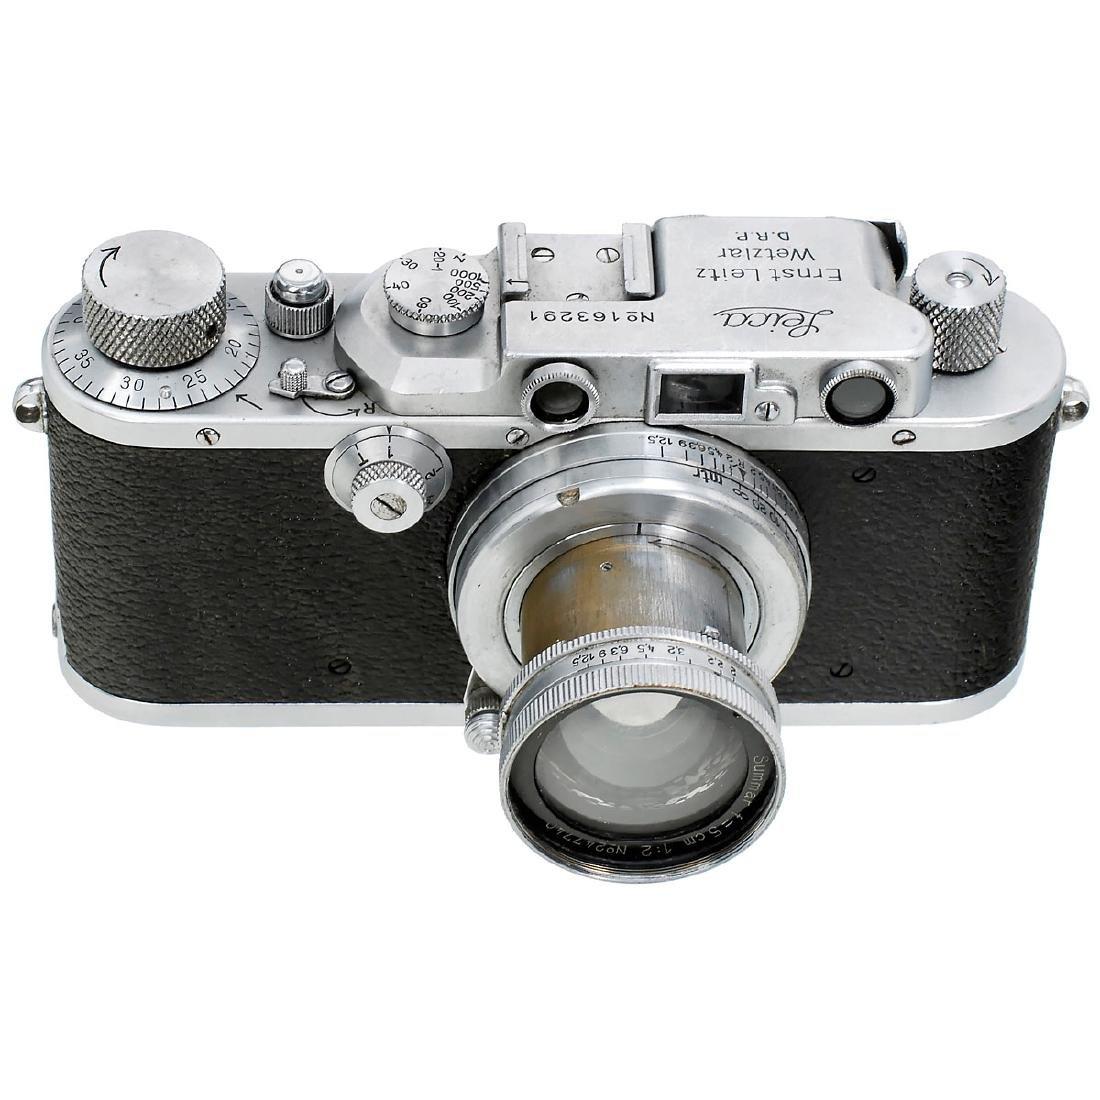 Leica IIIa (G) with Summar 2/5 cm, 1935